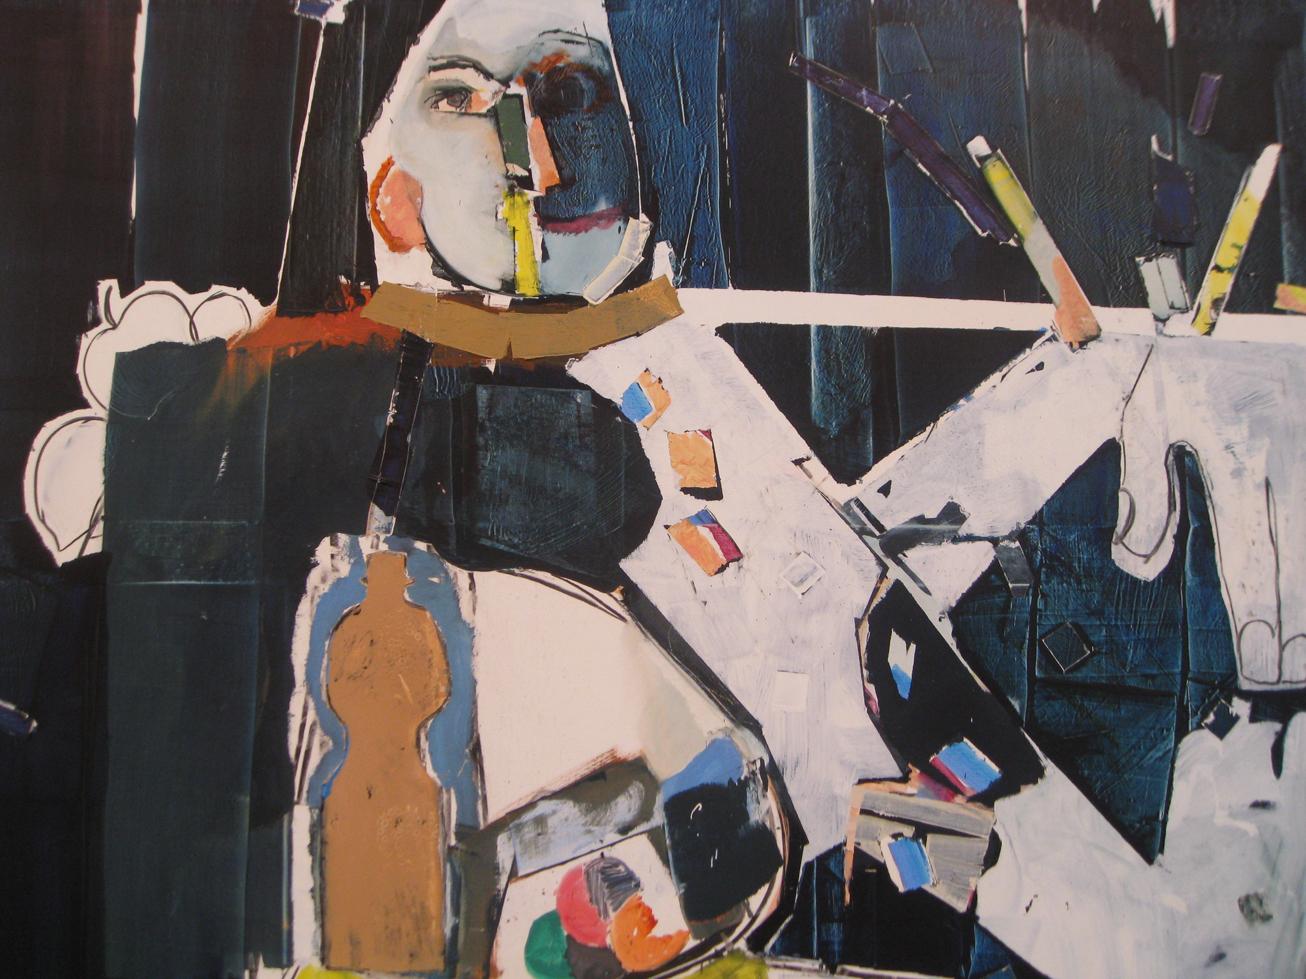 At Gladstone, Magnus Plessen's Painting Technique Creates